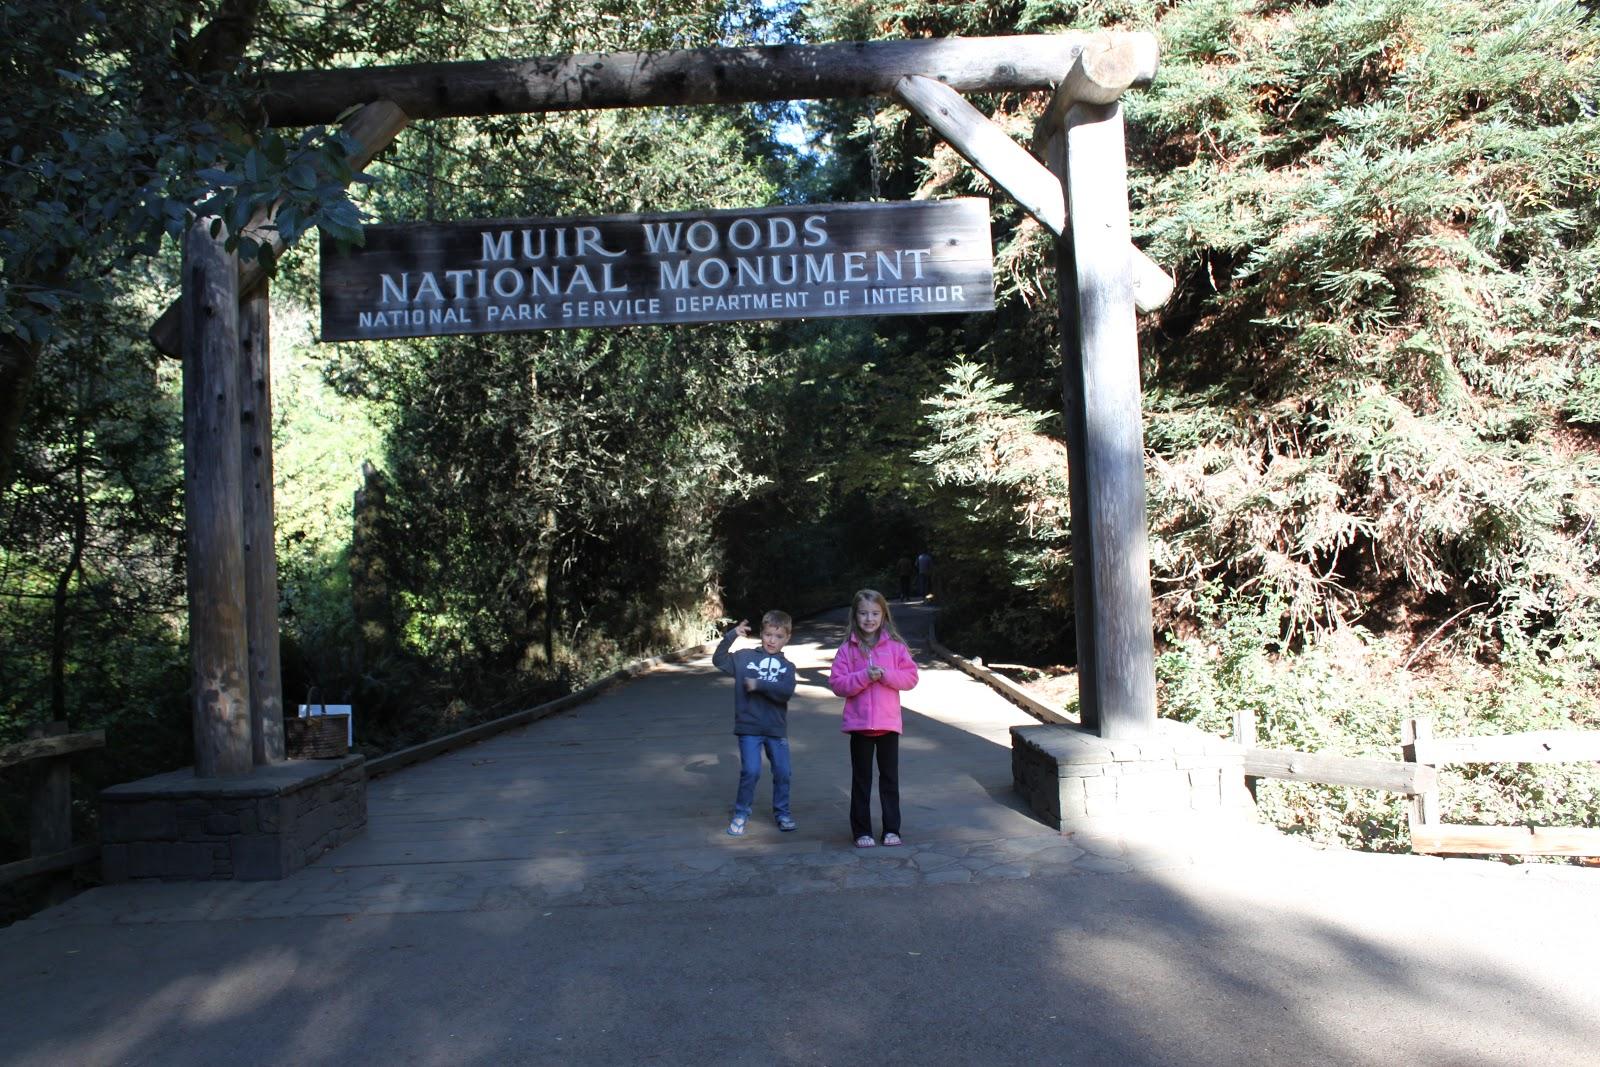 Car Parking Shuttle For Muir Woods